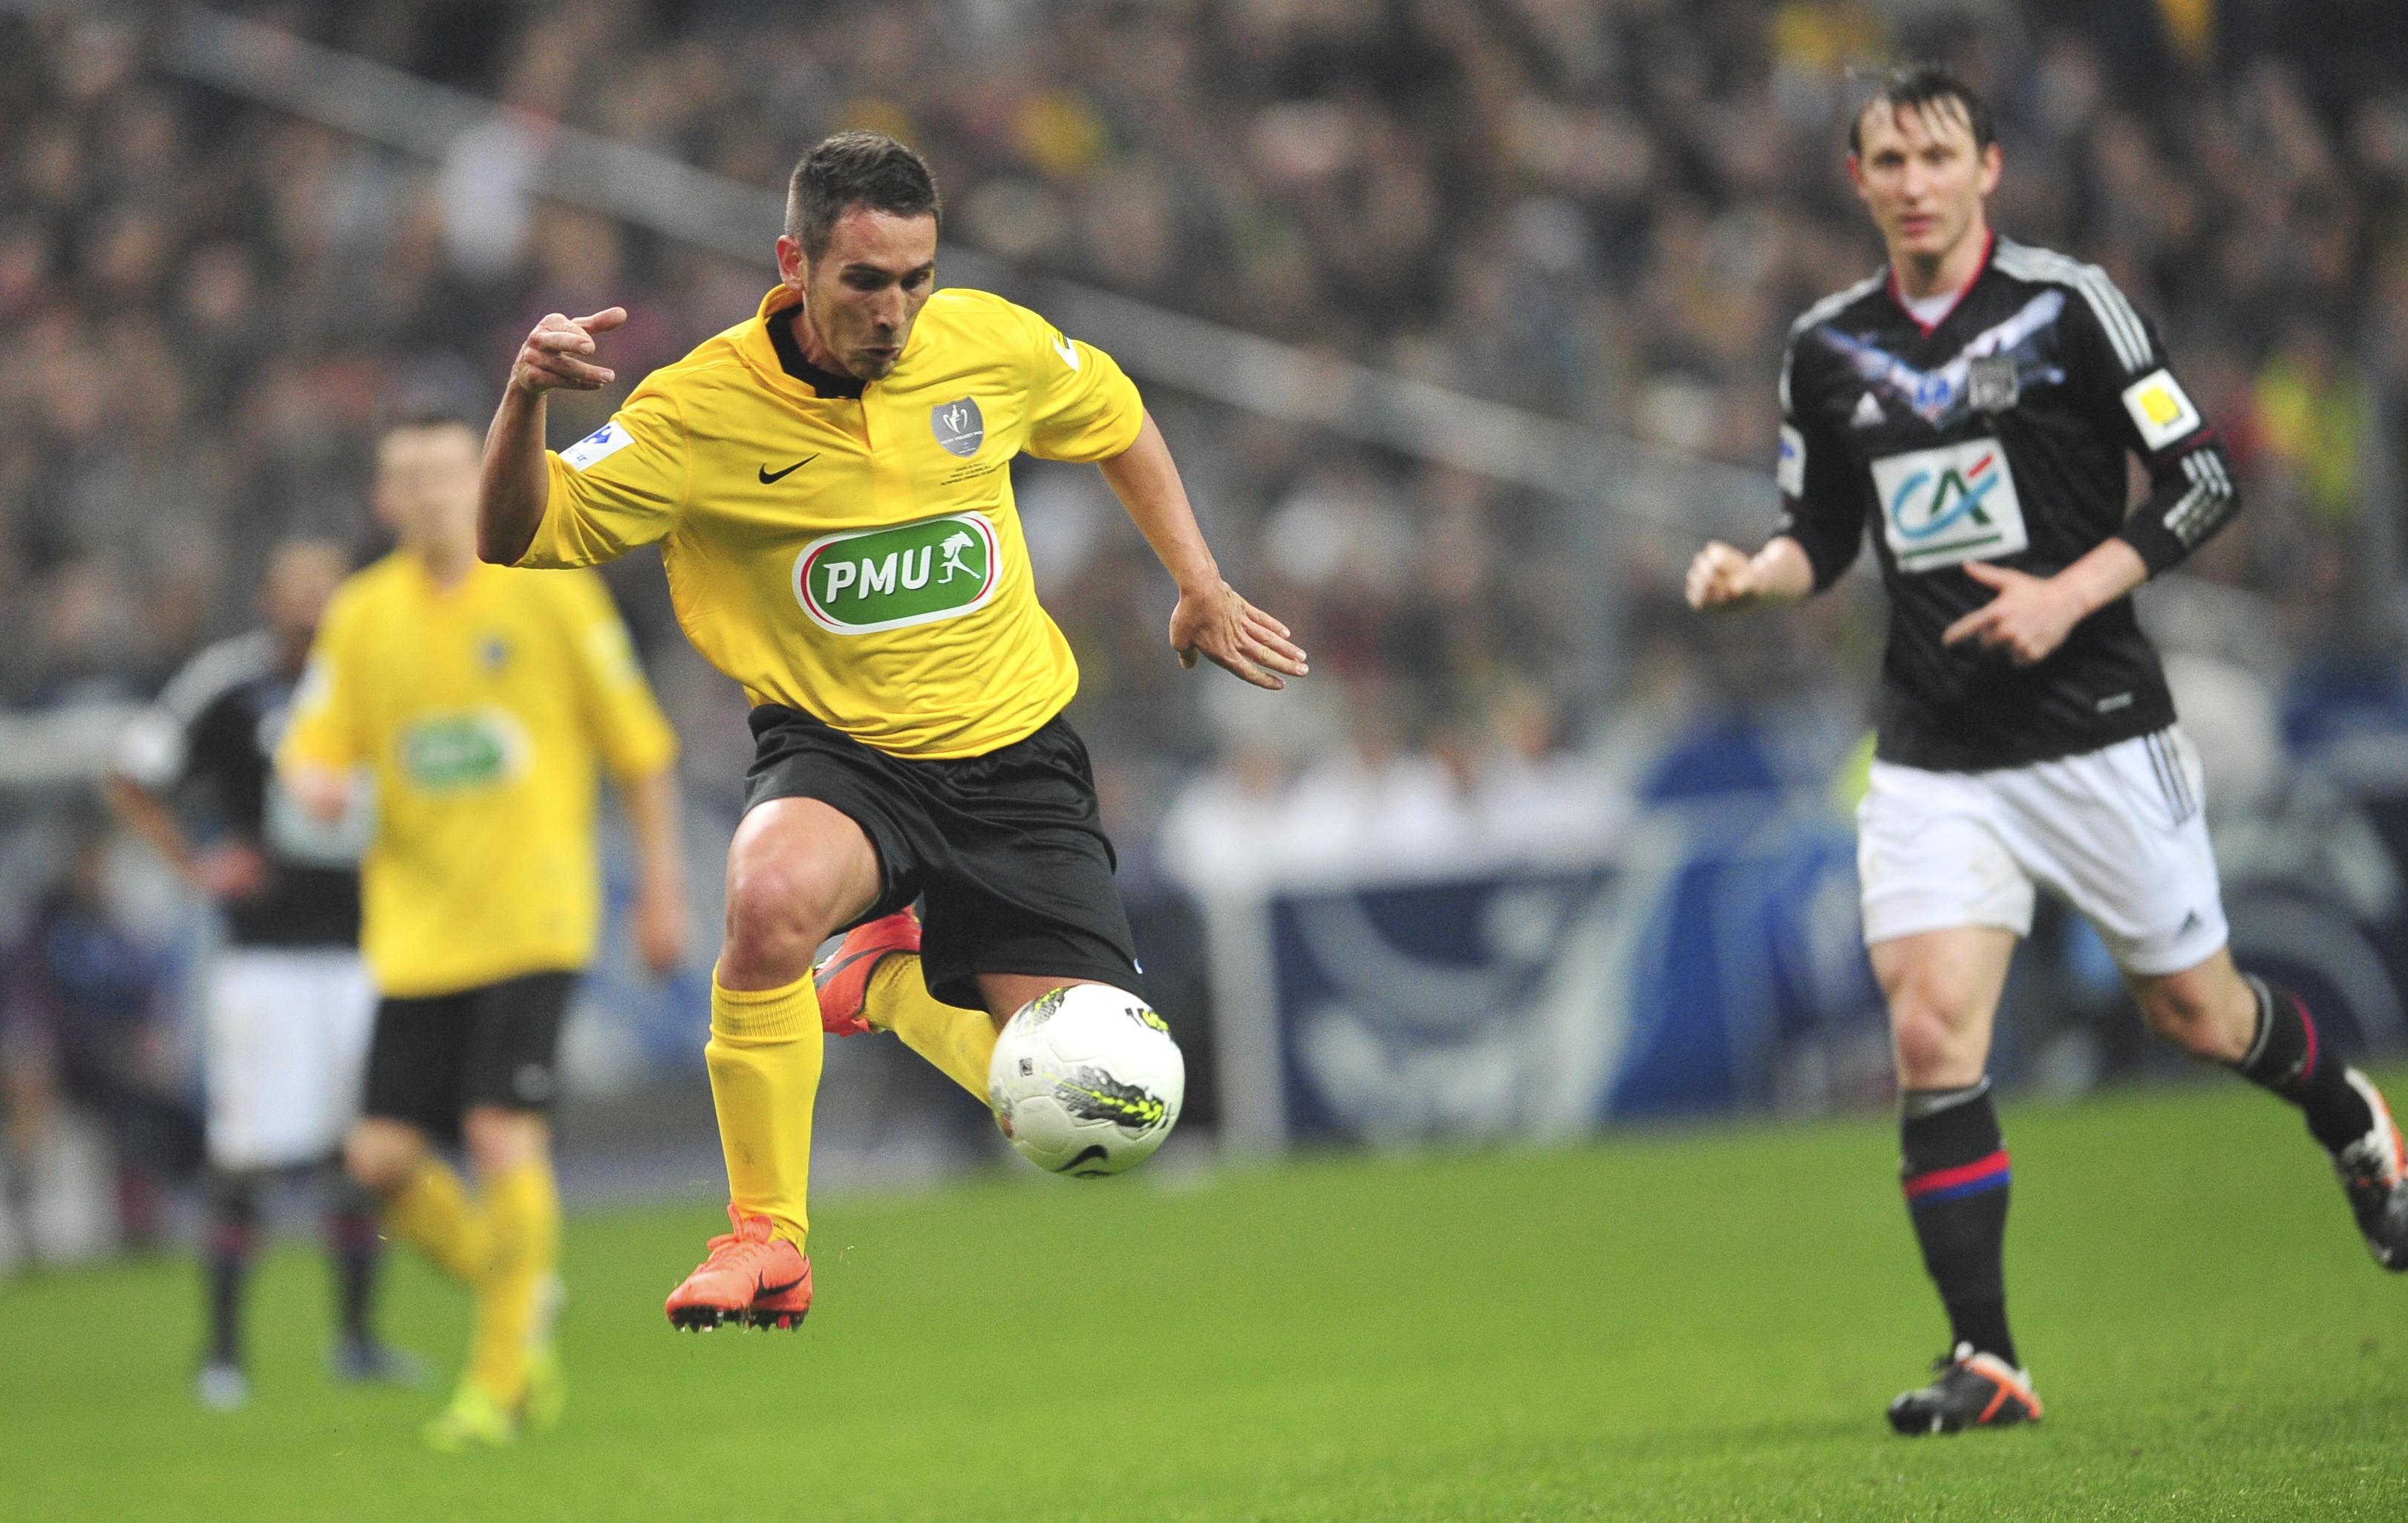 Herouat on n 39 a pas rougir coupe de france football - Football coupe de france ...